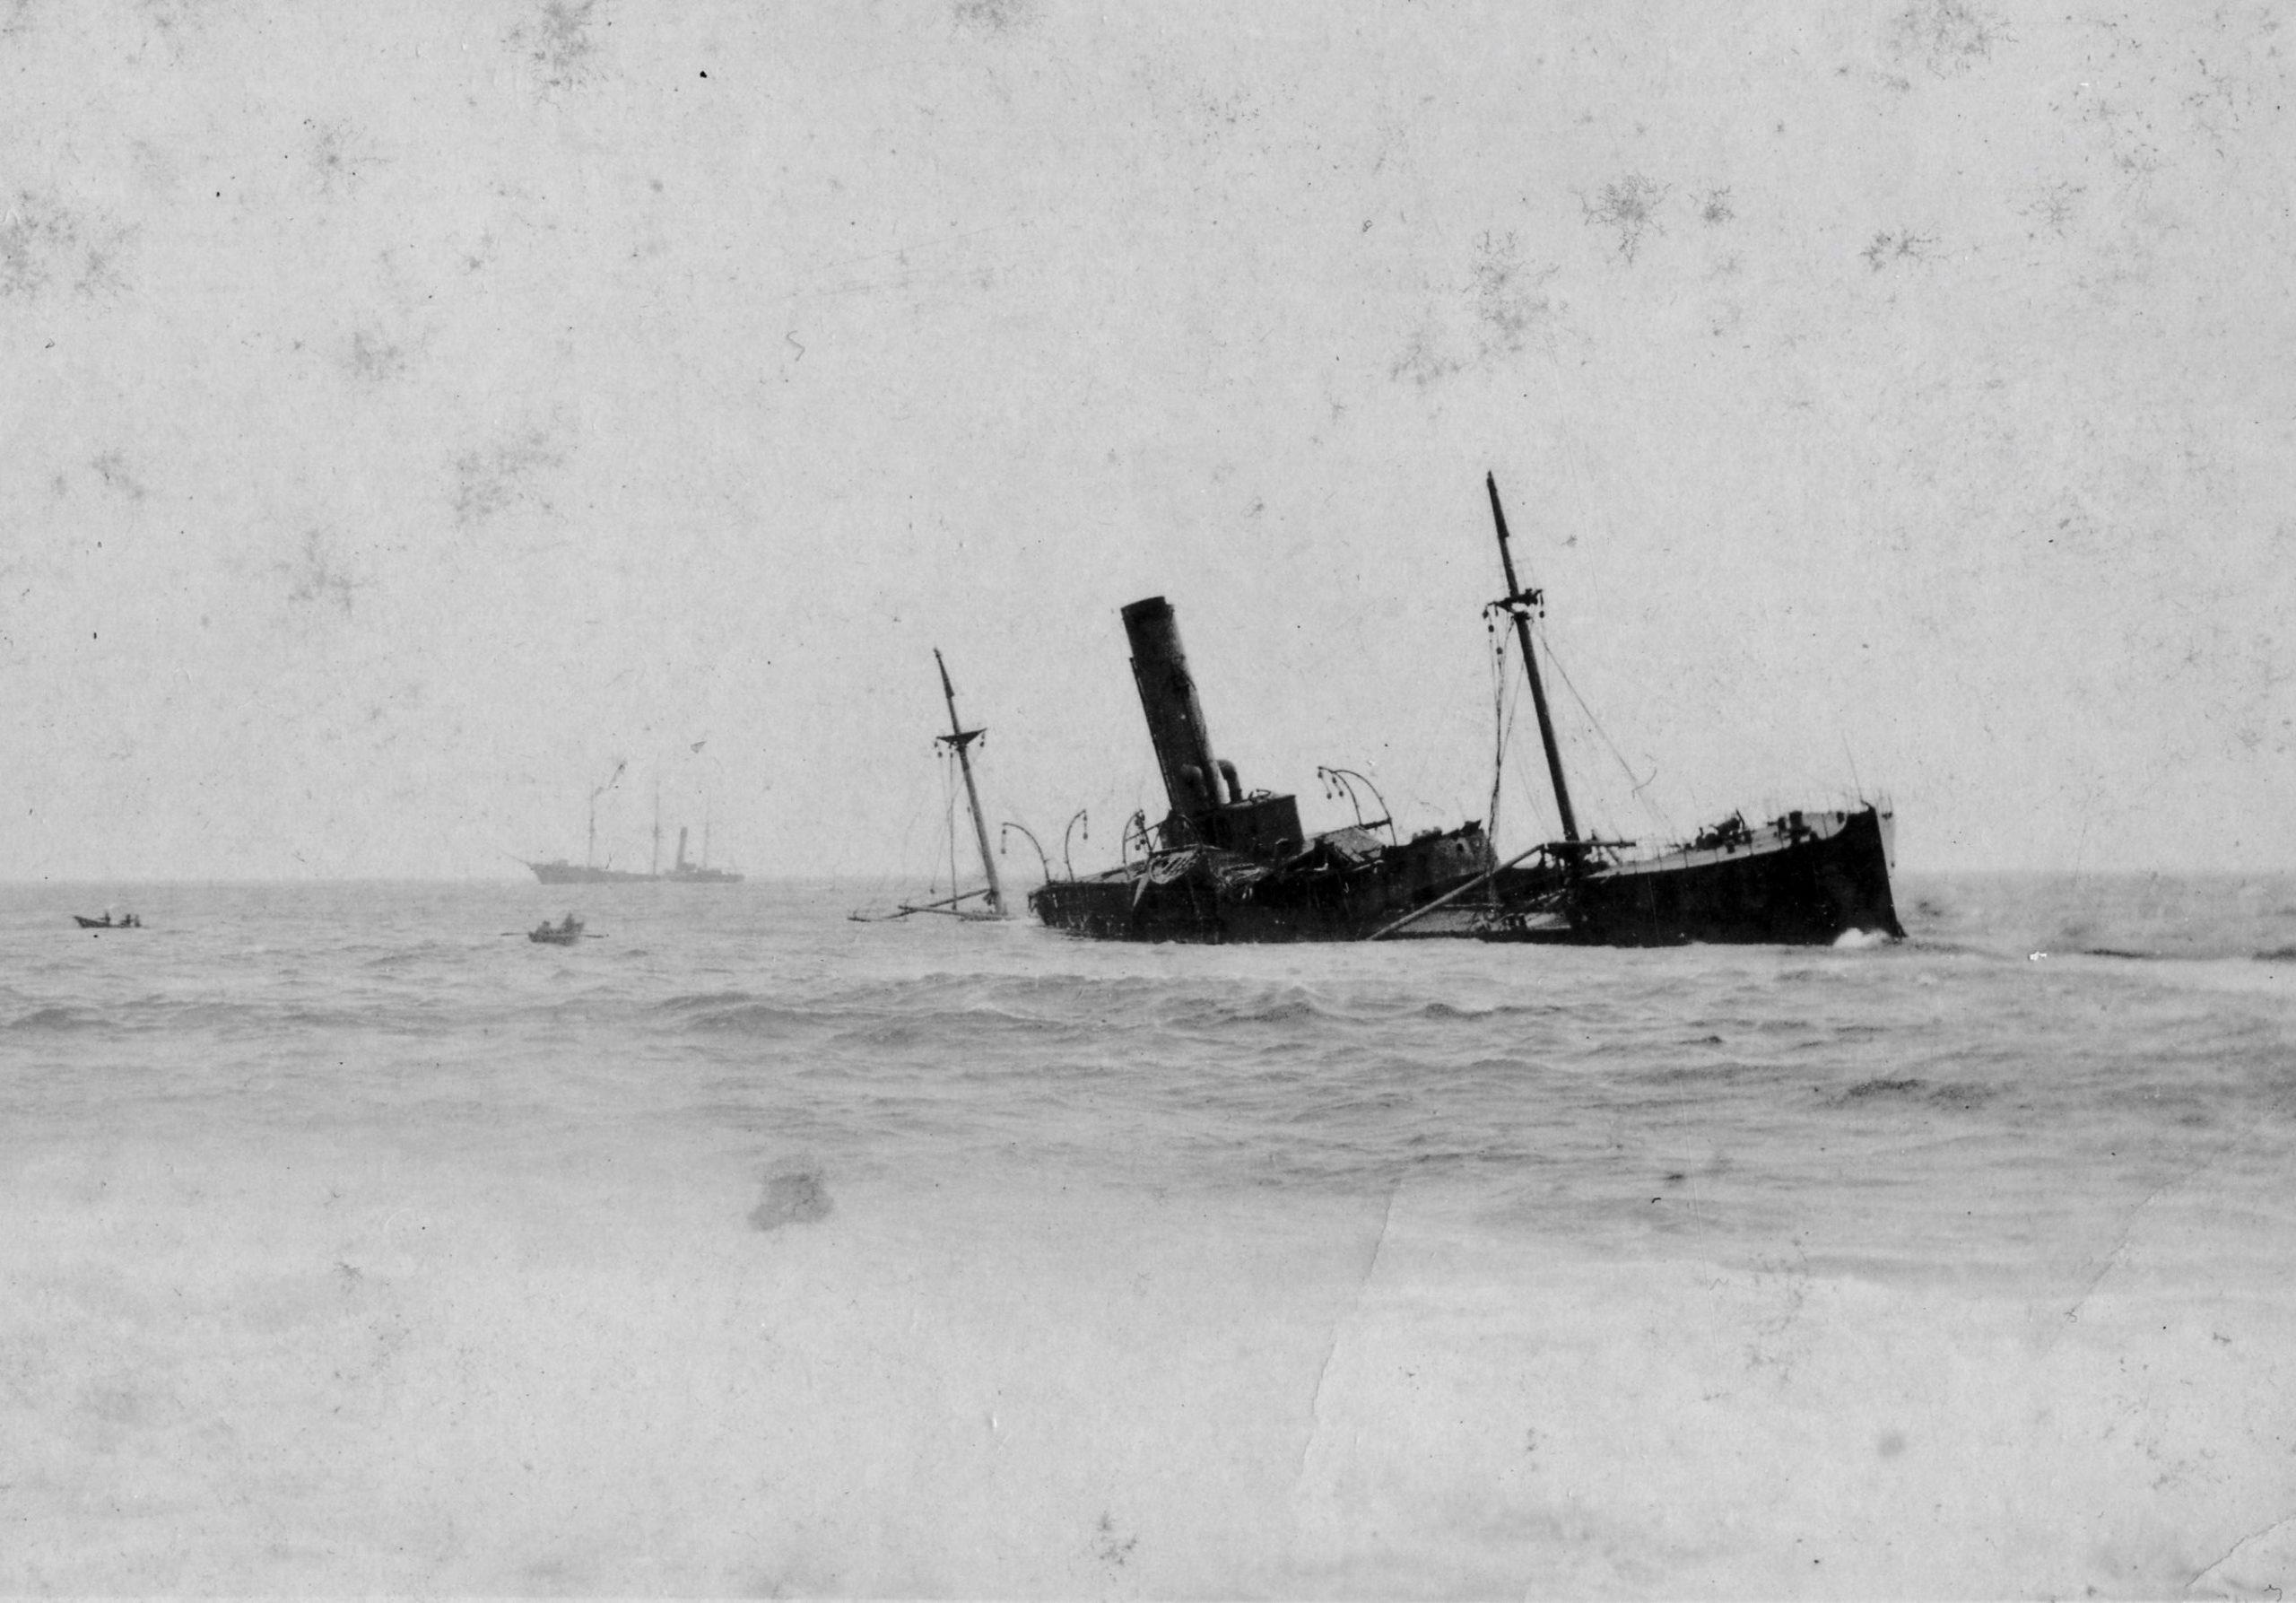 Photographie d'archive en noir et blanc d'un grand paquebot, le SS Florizel, échoué dans l'océan.